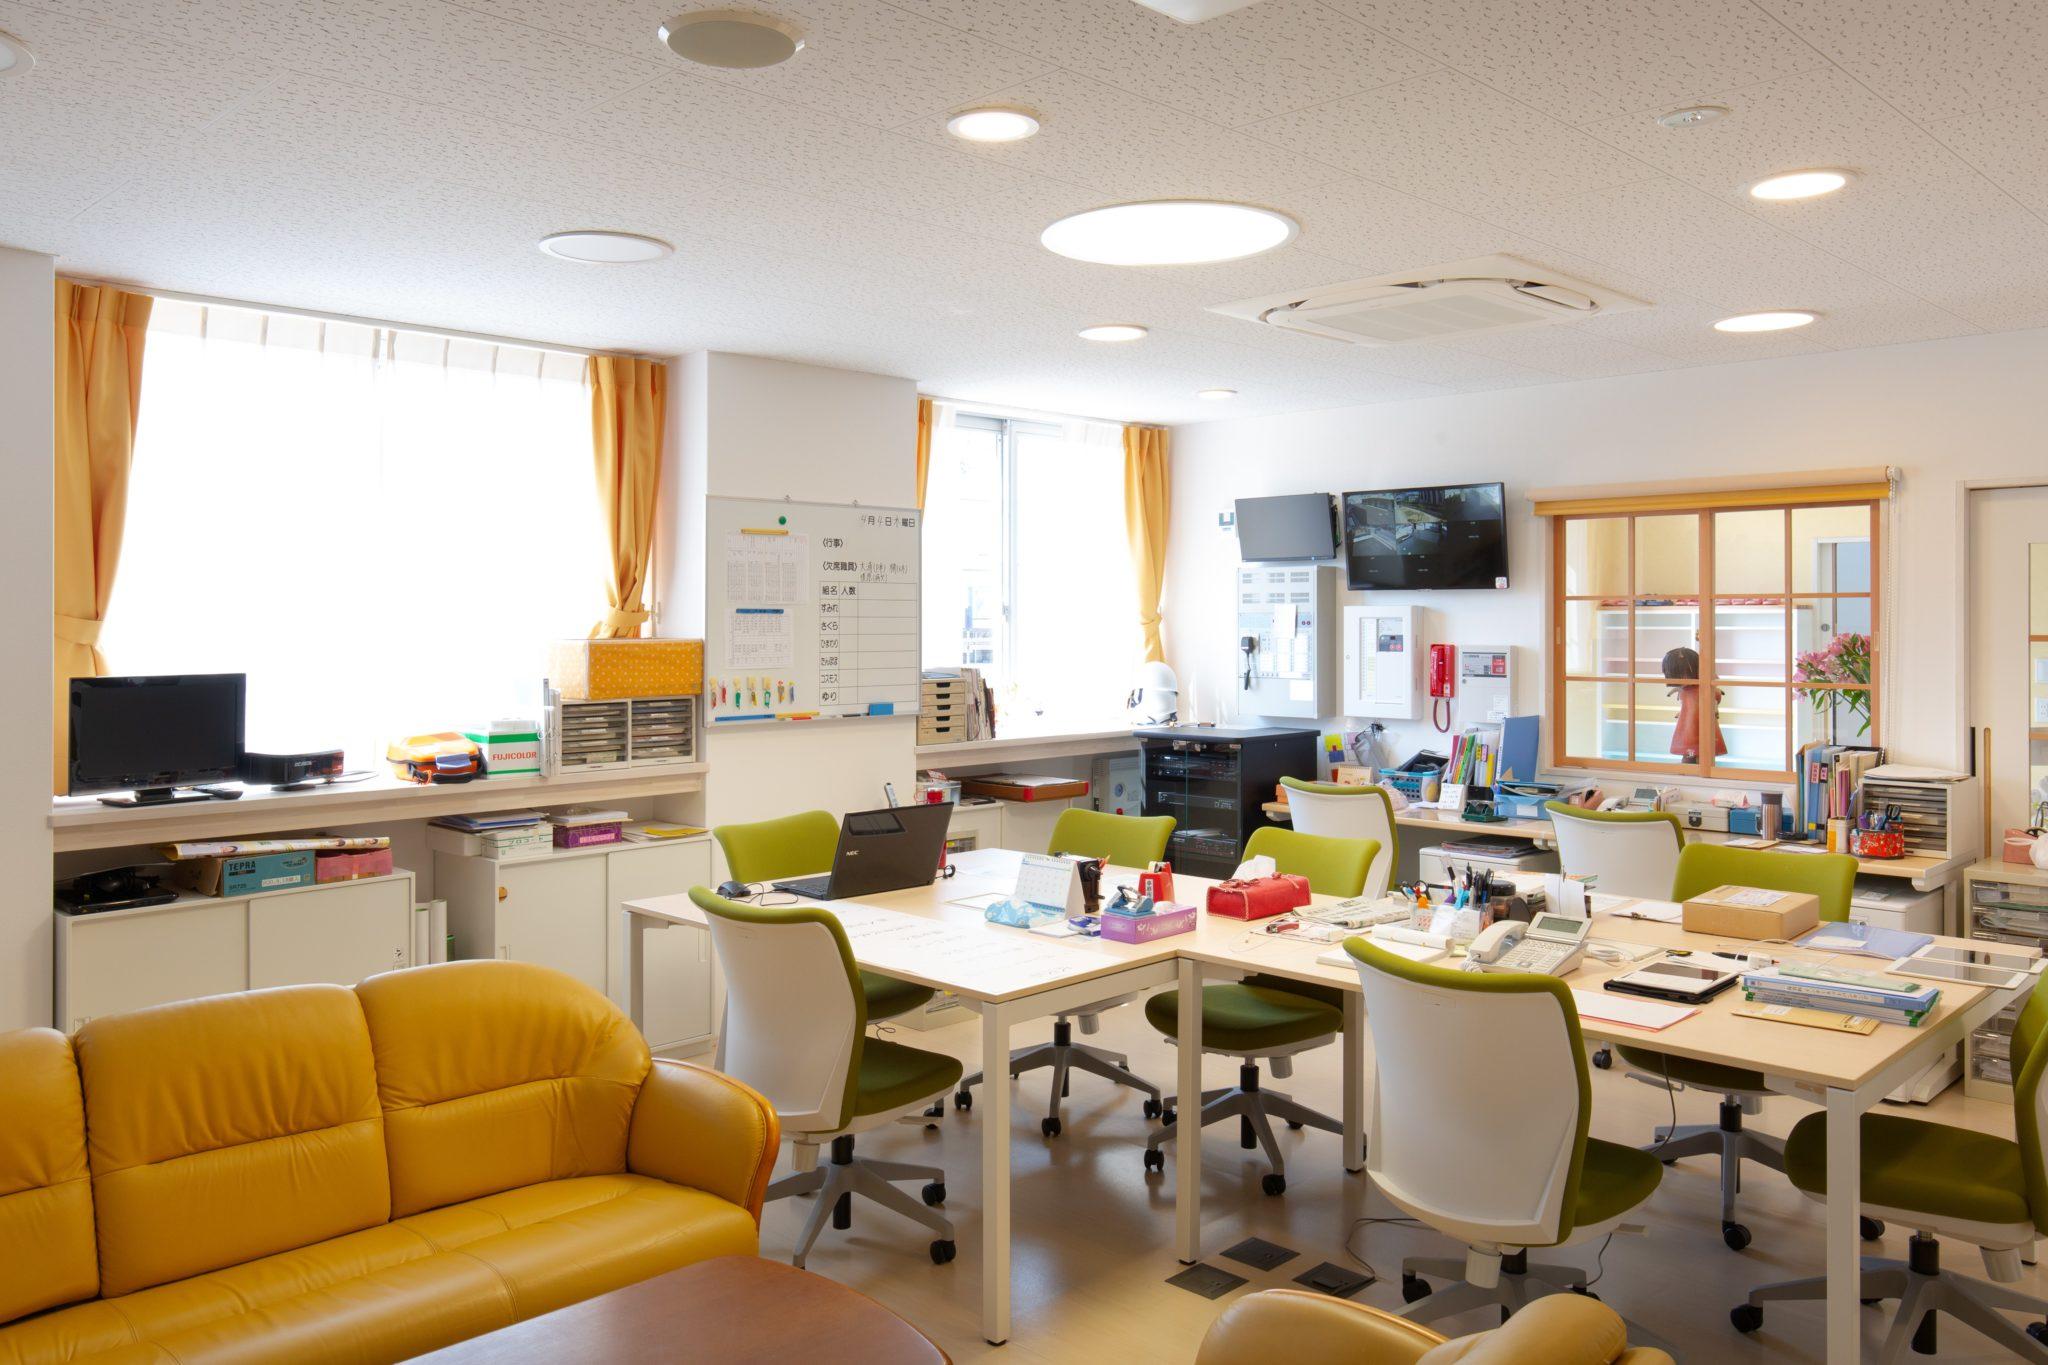 職員室はコンパクトいして作業スペースや収納部を重視